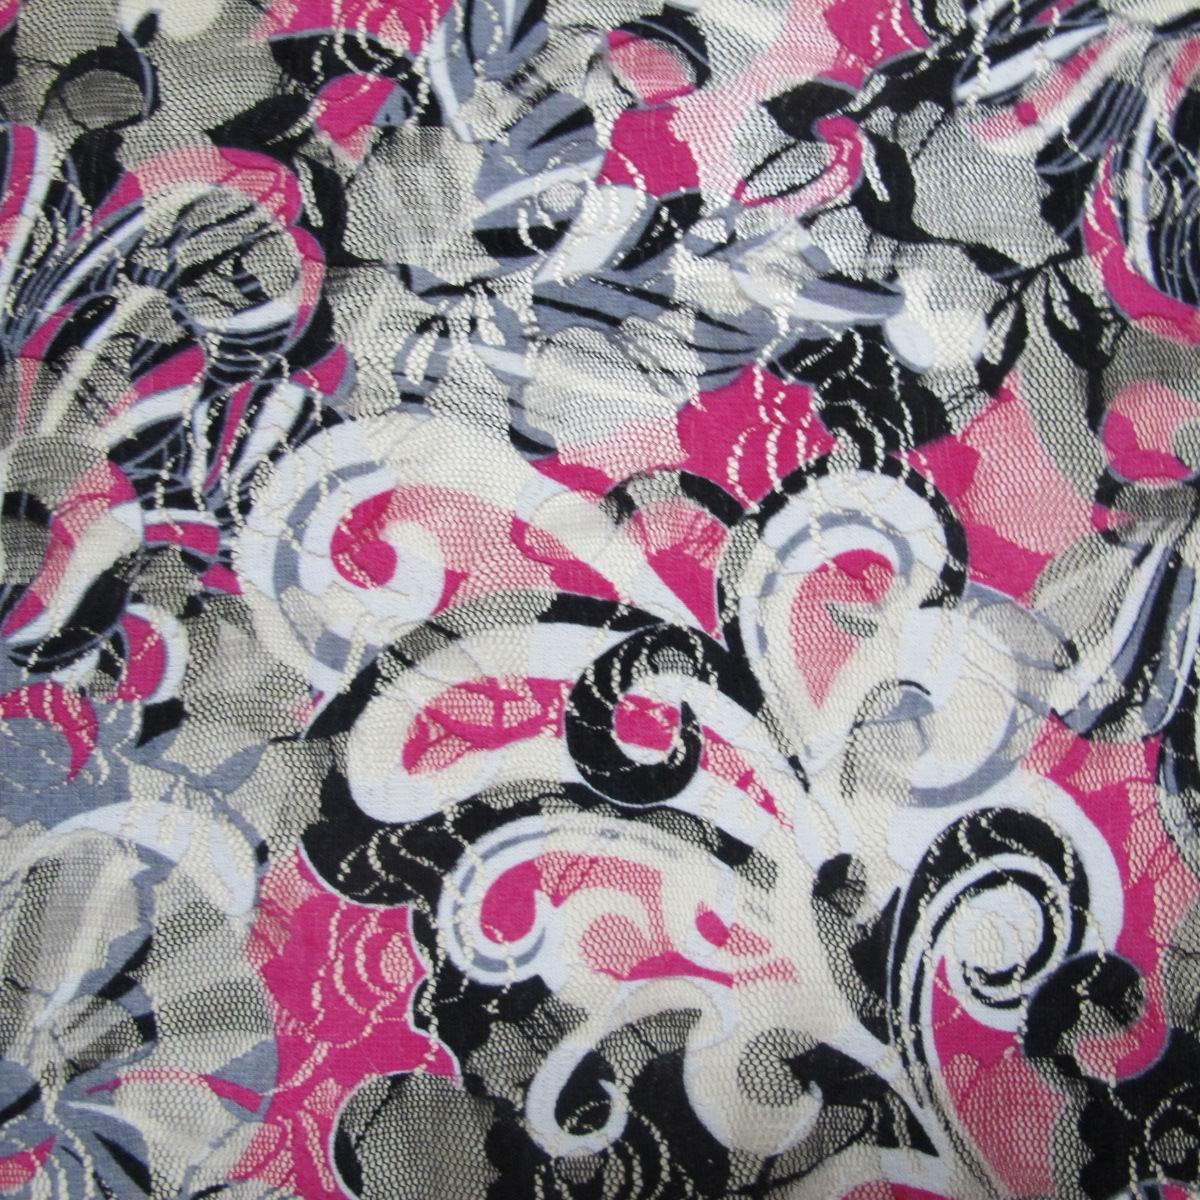 SHKLNS0320 nylon lace print